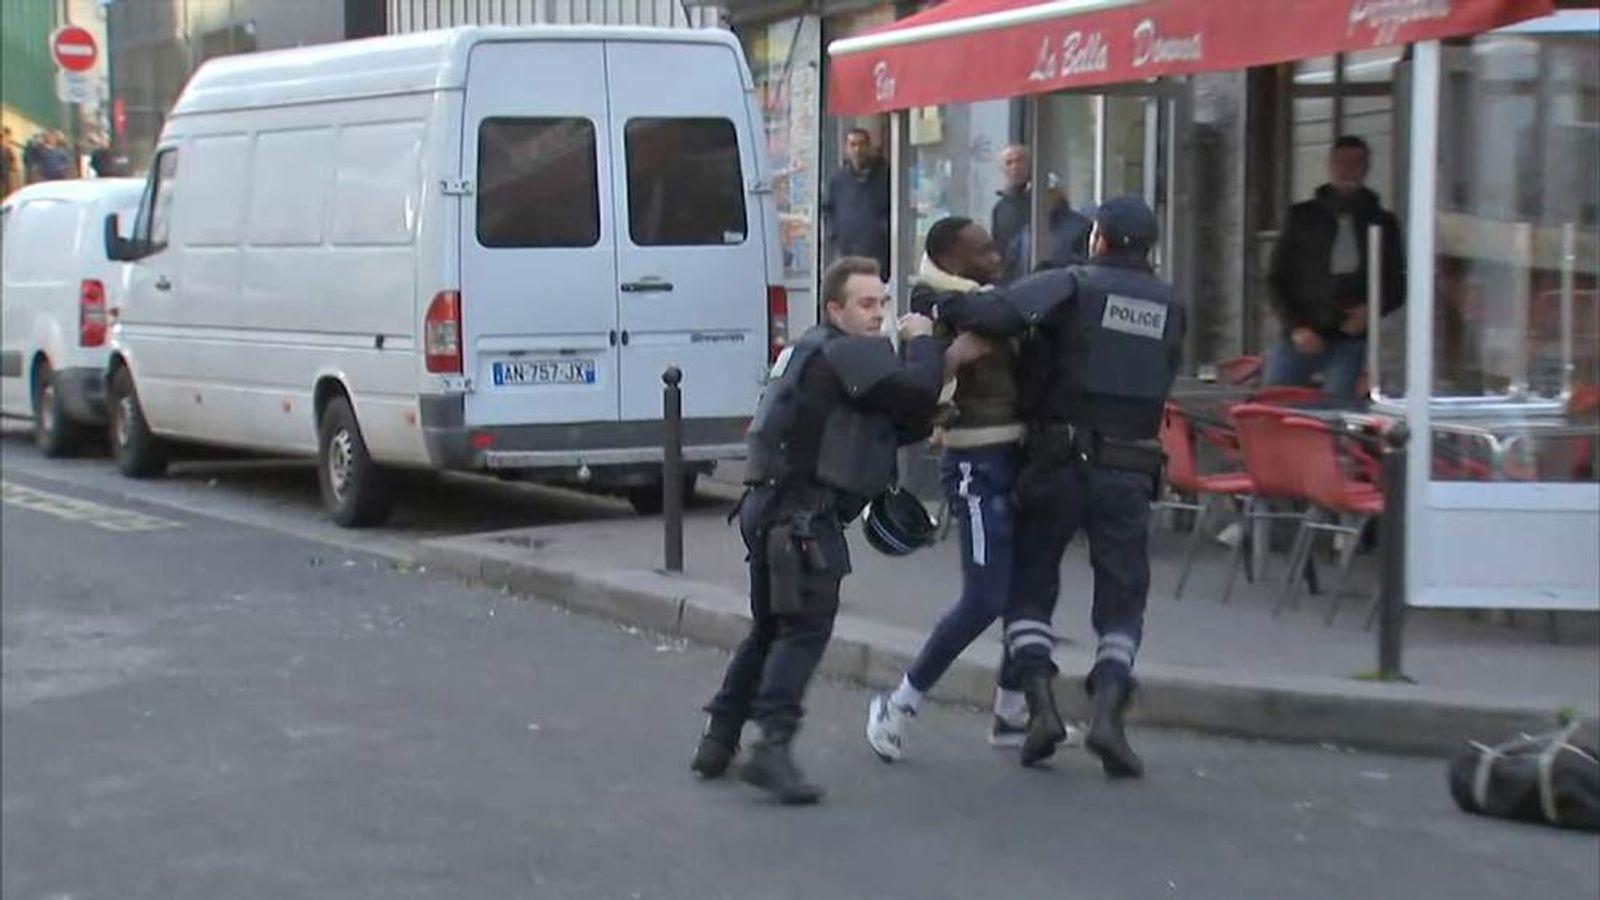 Man arrested in Paris